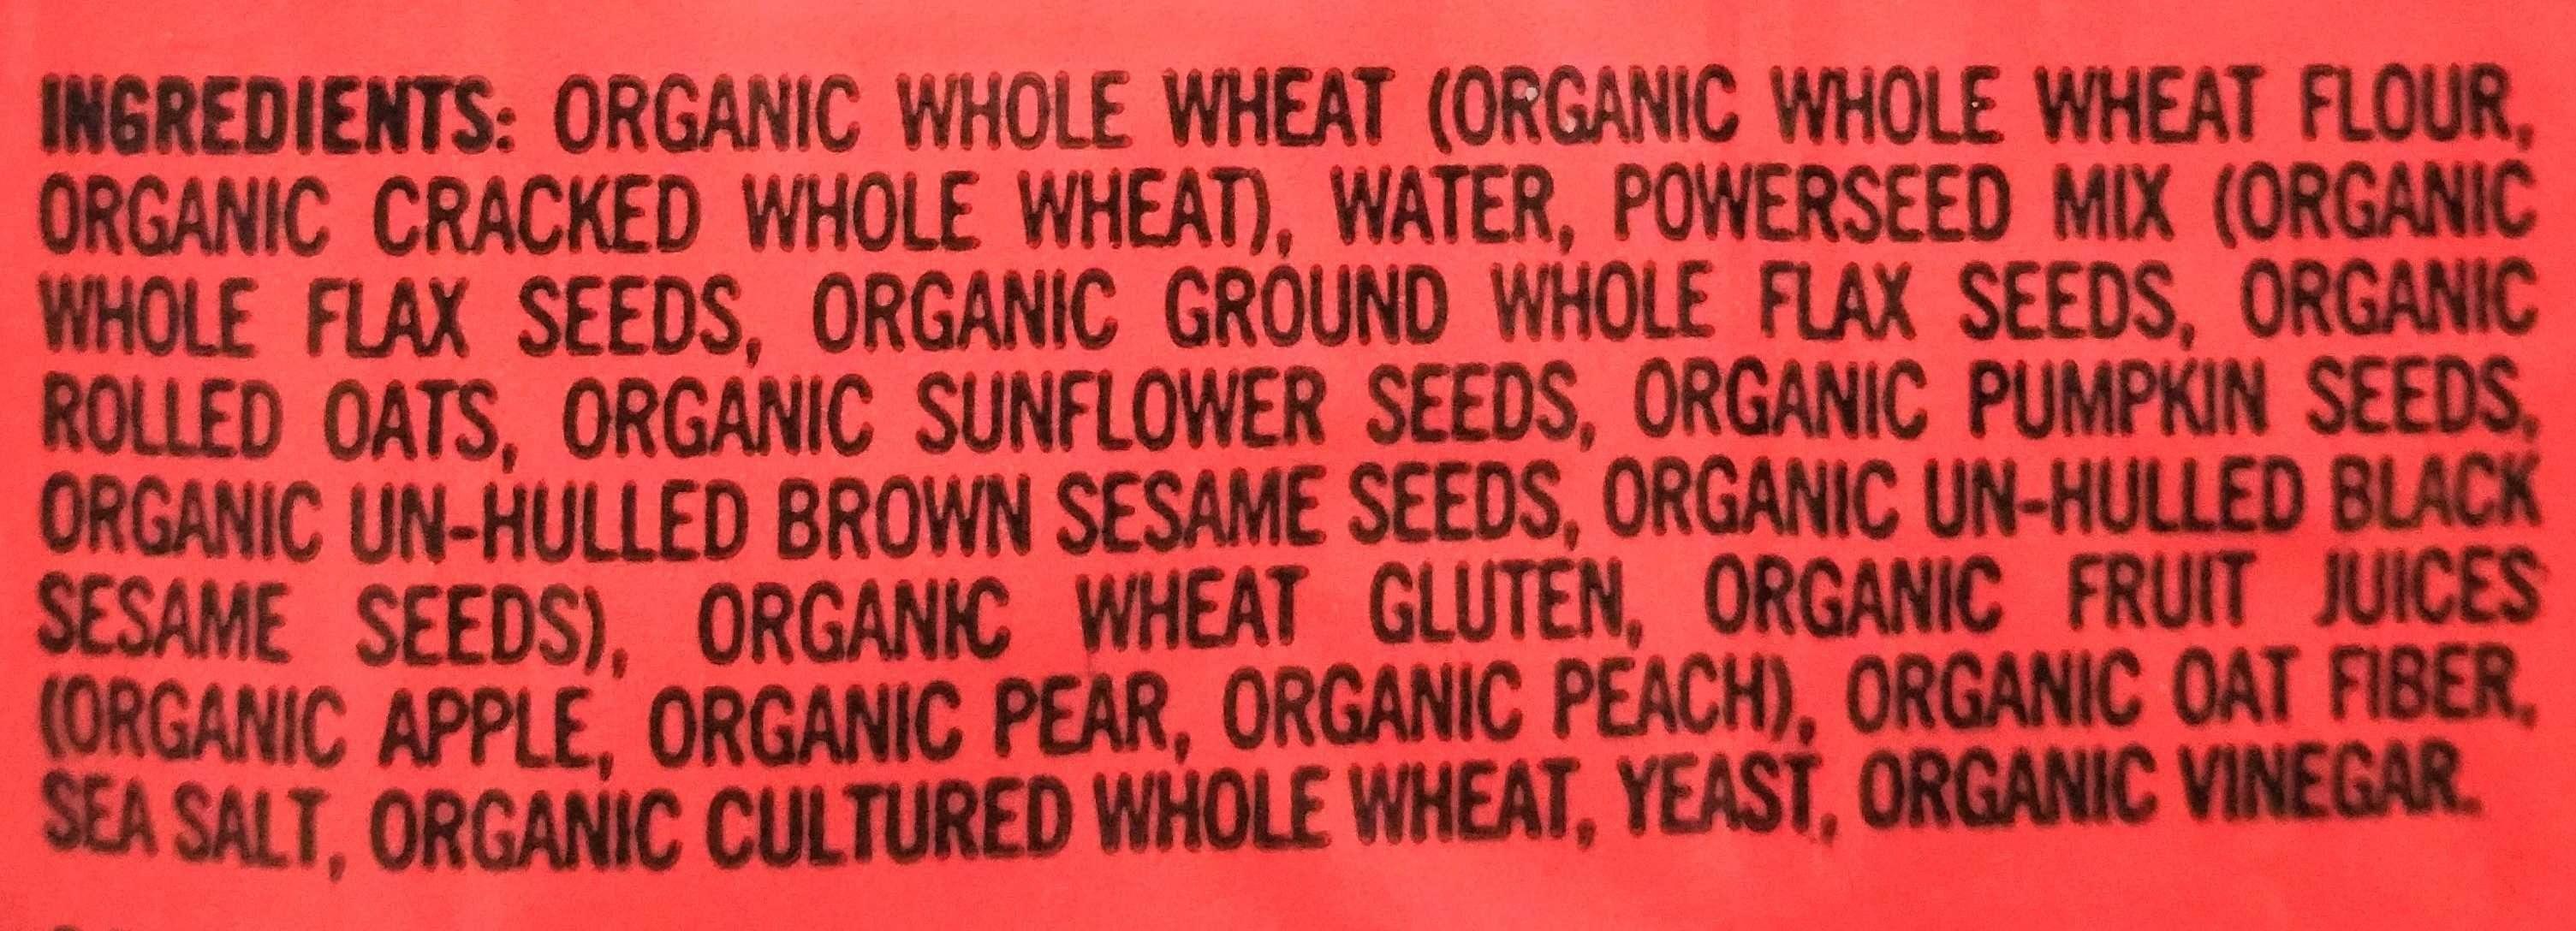 Powerseed (Organic Bread) - Ingredients - en